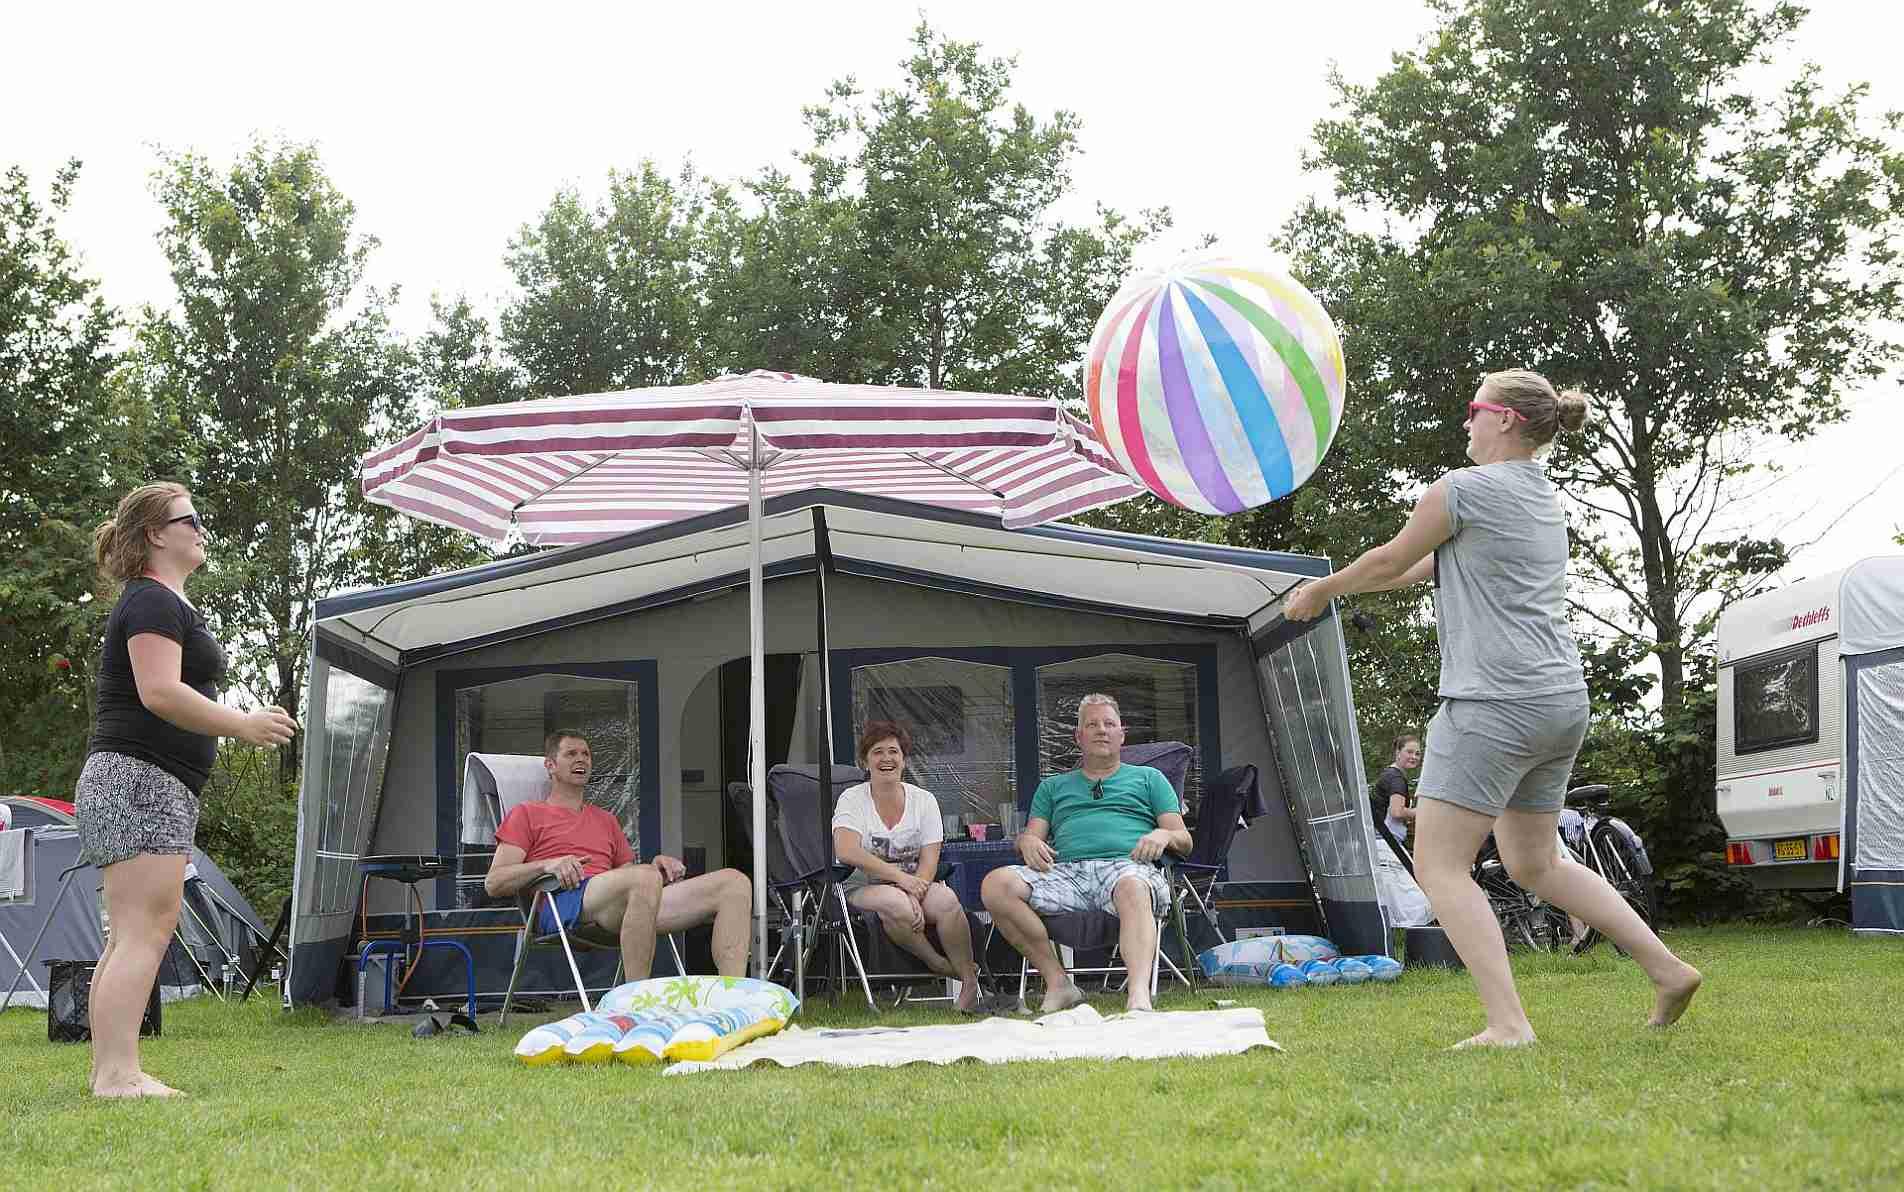 Camping met oudere kinderen - camping met oudere kinderen